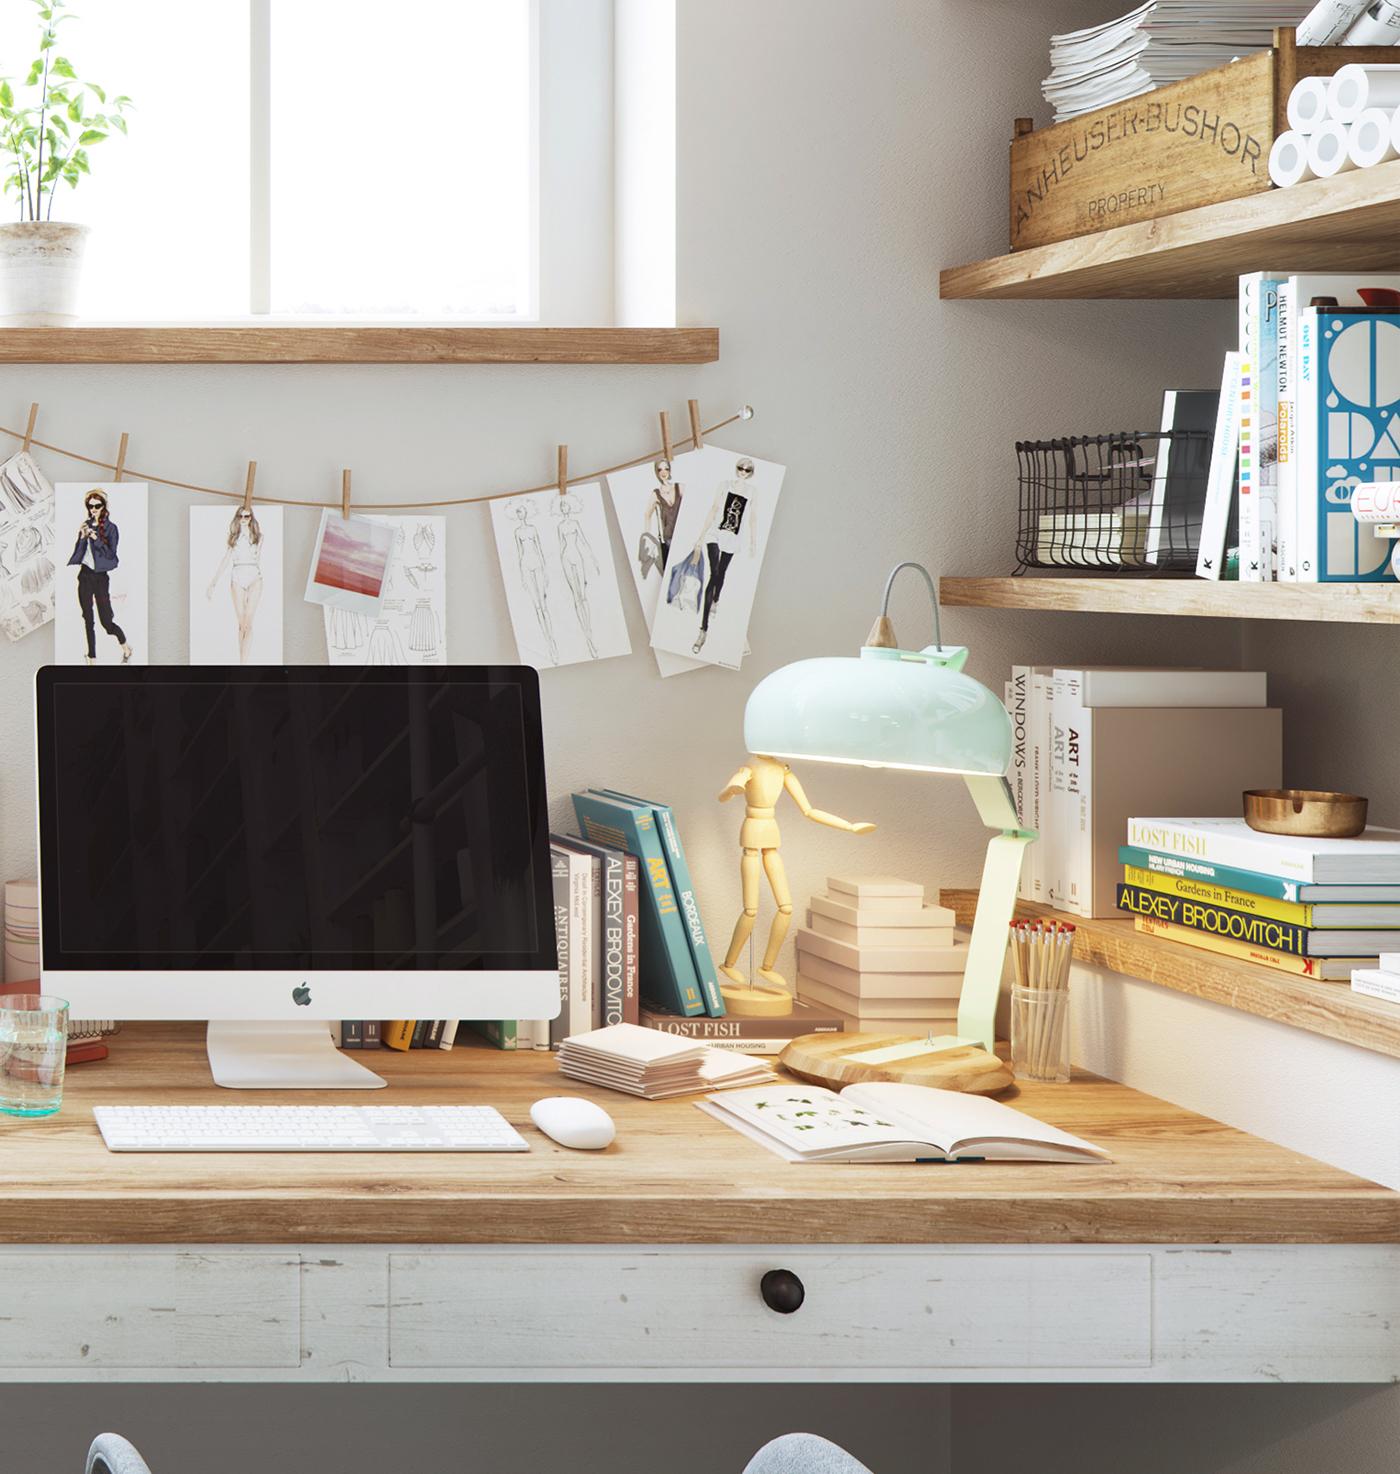 como hacer un escritorio, escritorio, apple, colgador, perchero, interiorismo, barcelona, alquimia deco, estilo nordico, taller de costura, blanco,